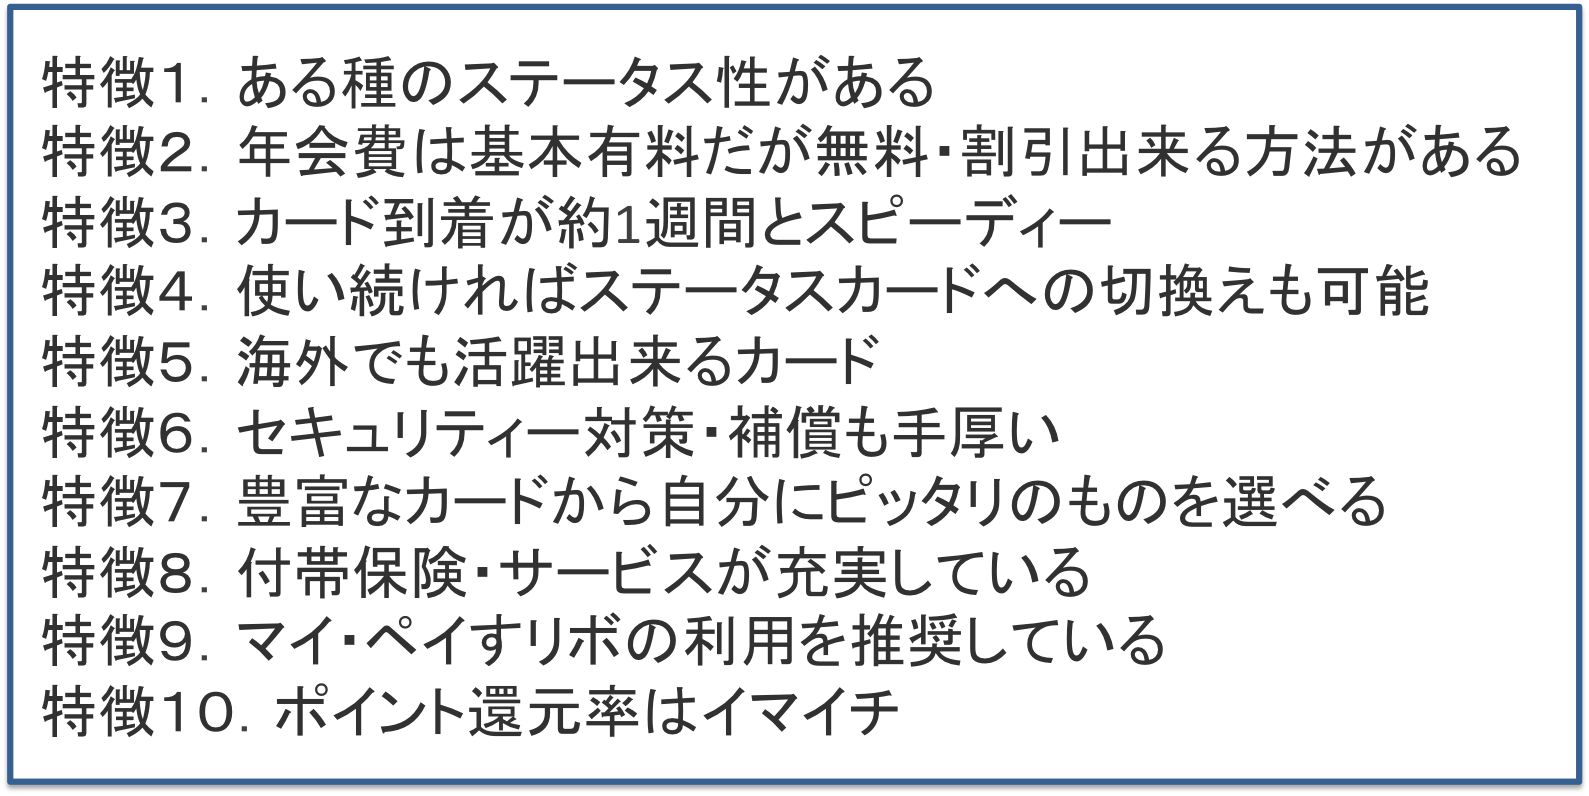 三井住友カードの特徴